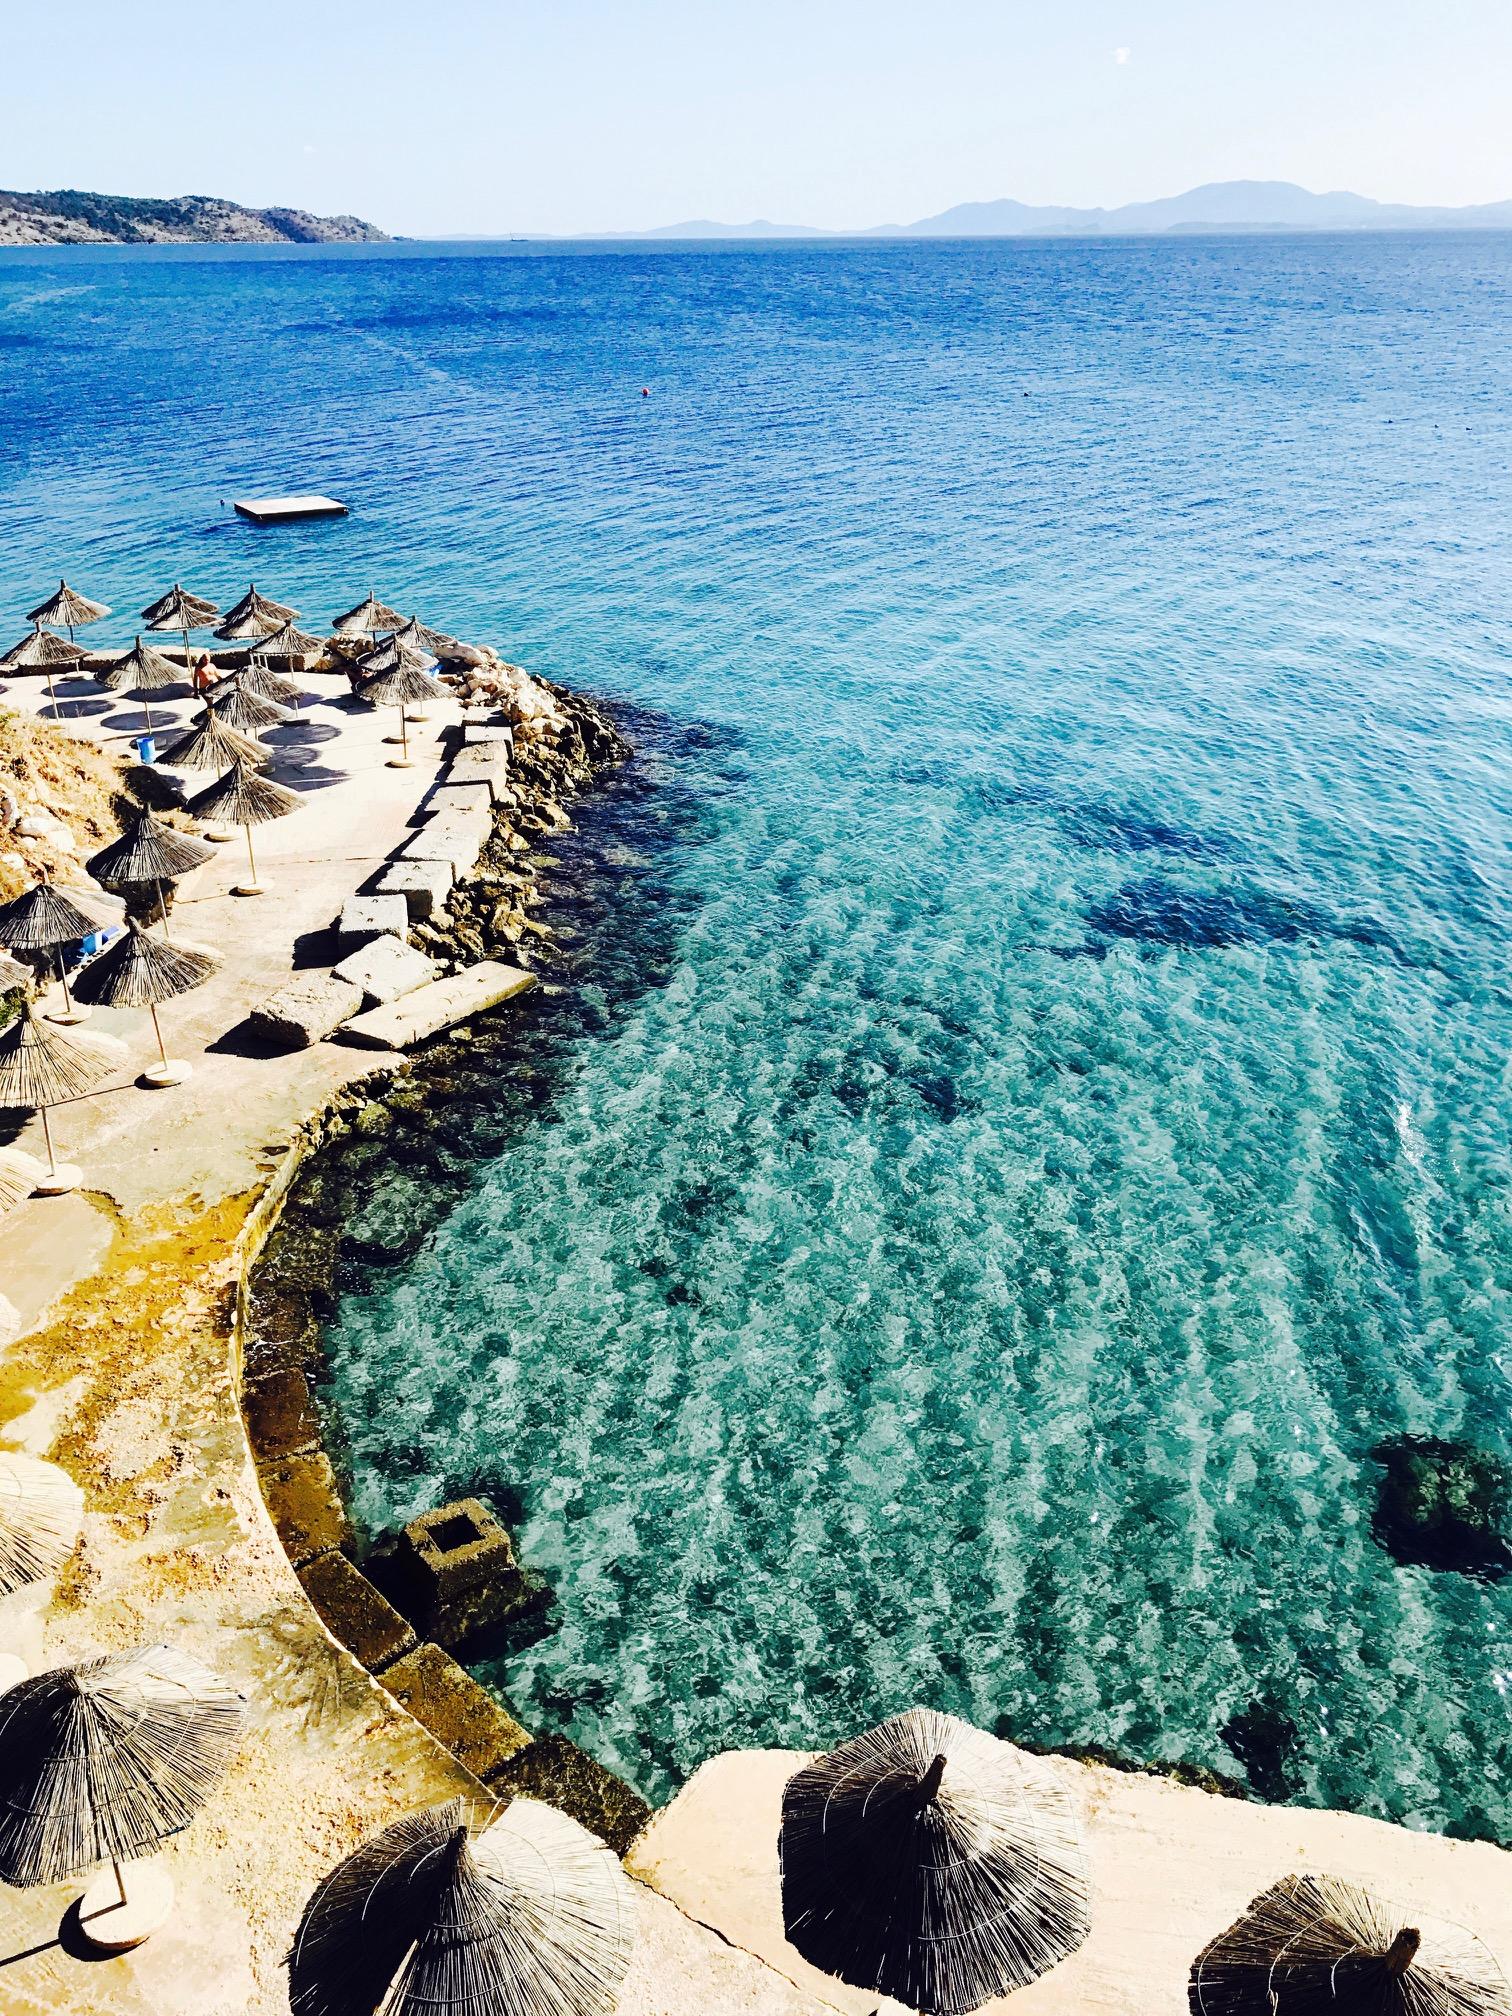 Blick von oben auf die Bucht Pema e Thate, Albanien